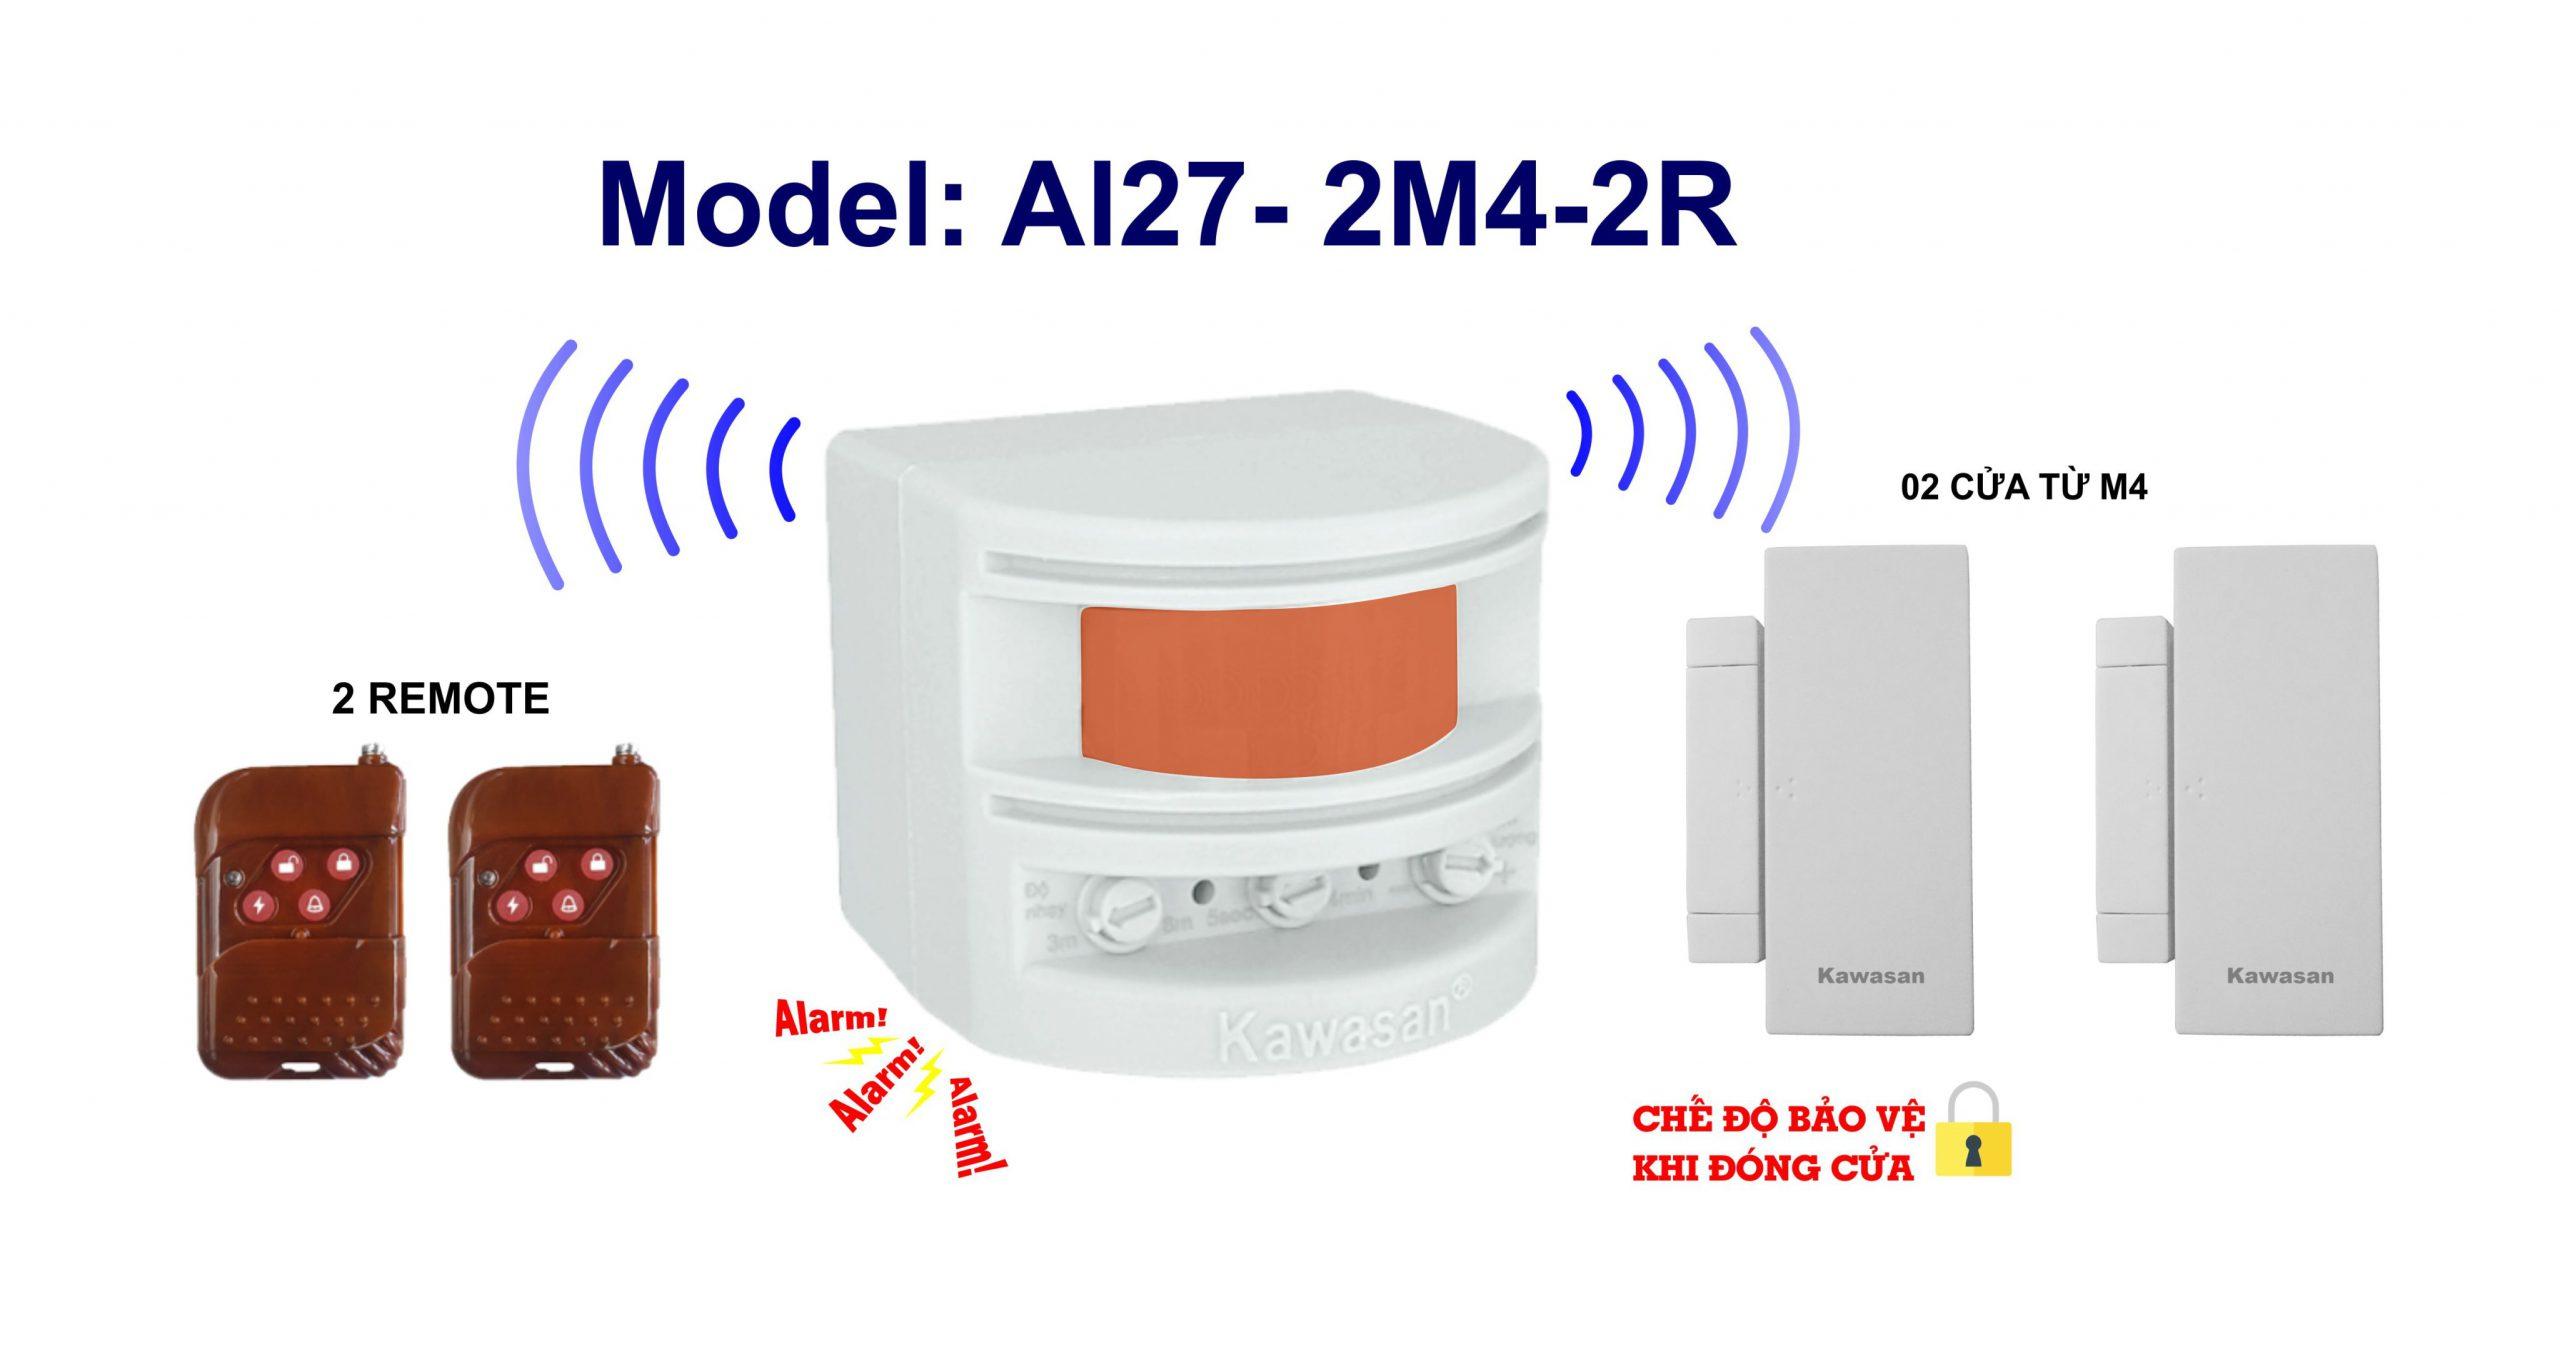 AL27-2M4-2R